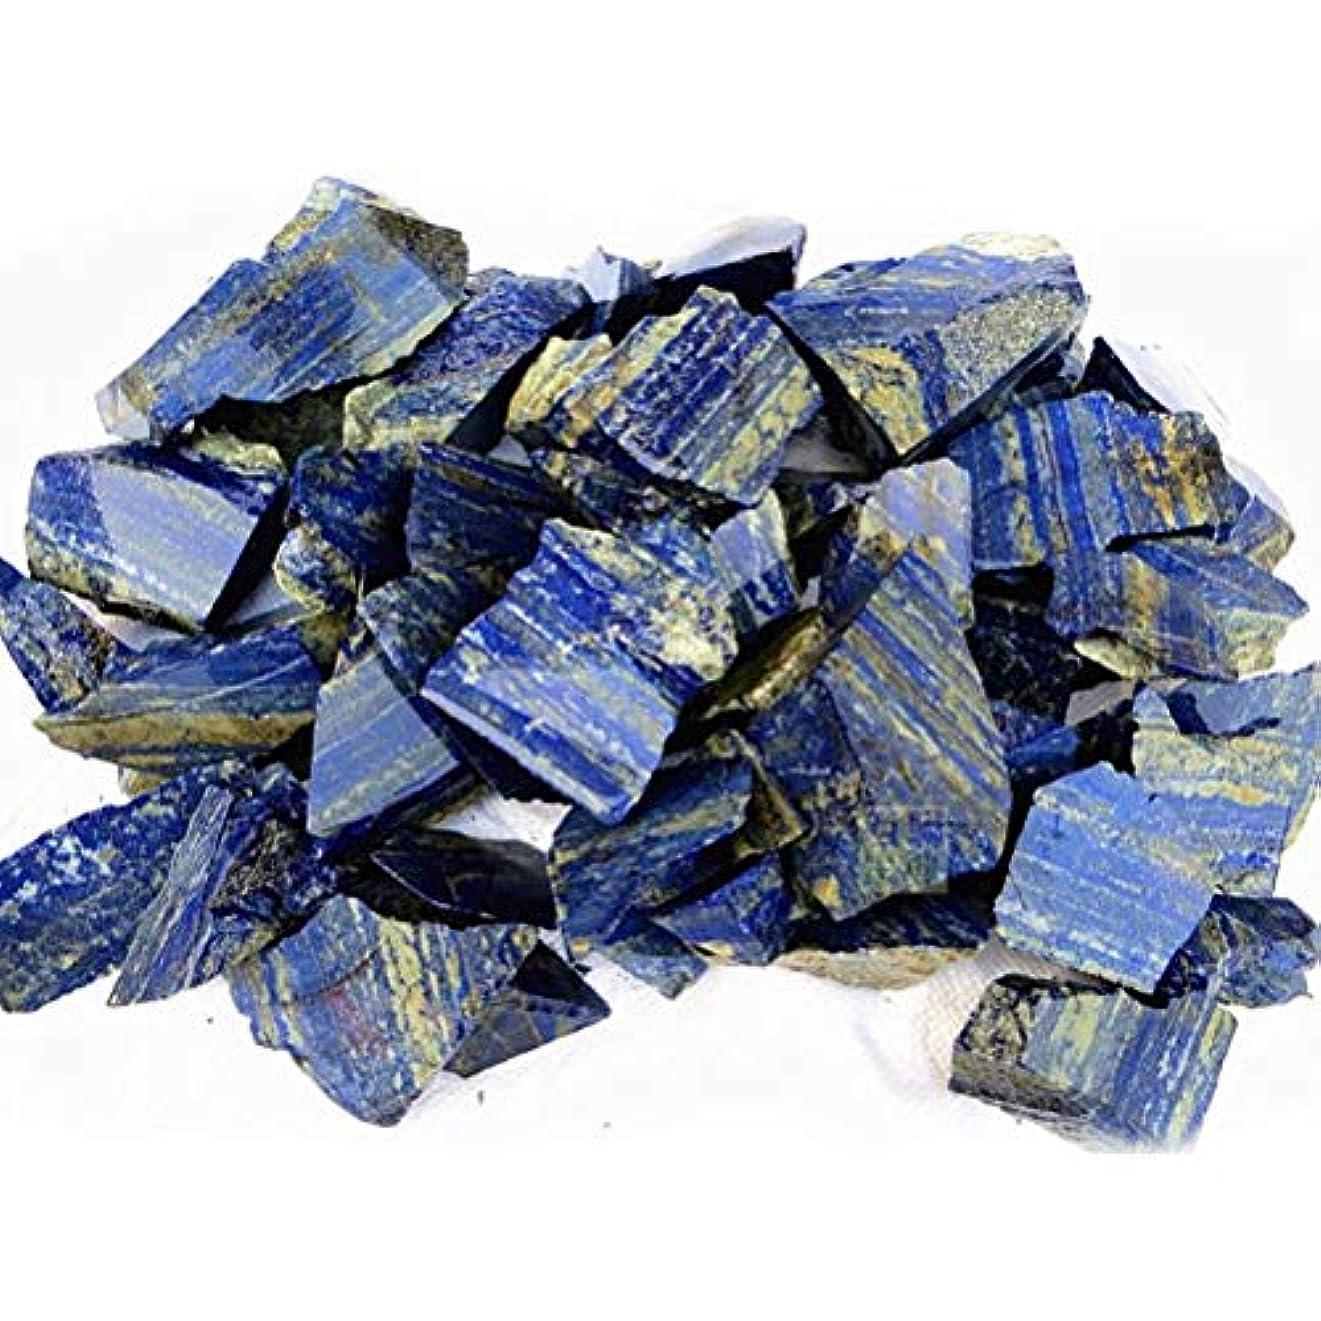 崇拝します人気の消費するVosarea 100グラムナチュラルラピスラズリタンブルストーンヒーリングレイキクリスタルジュエリー作りホームデコレーションdiy材料宝石石